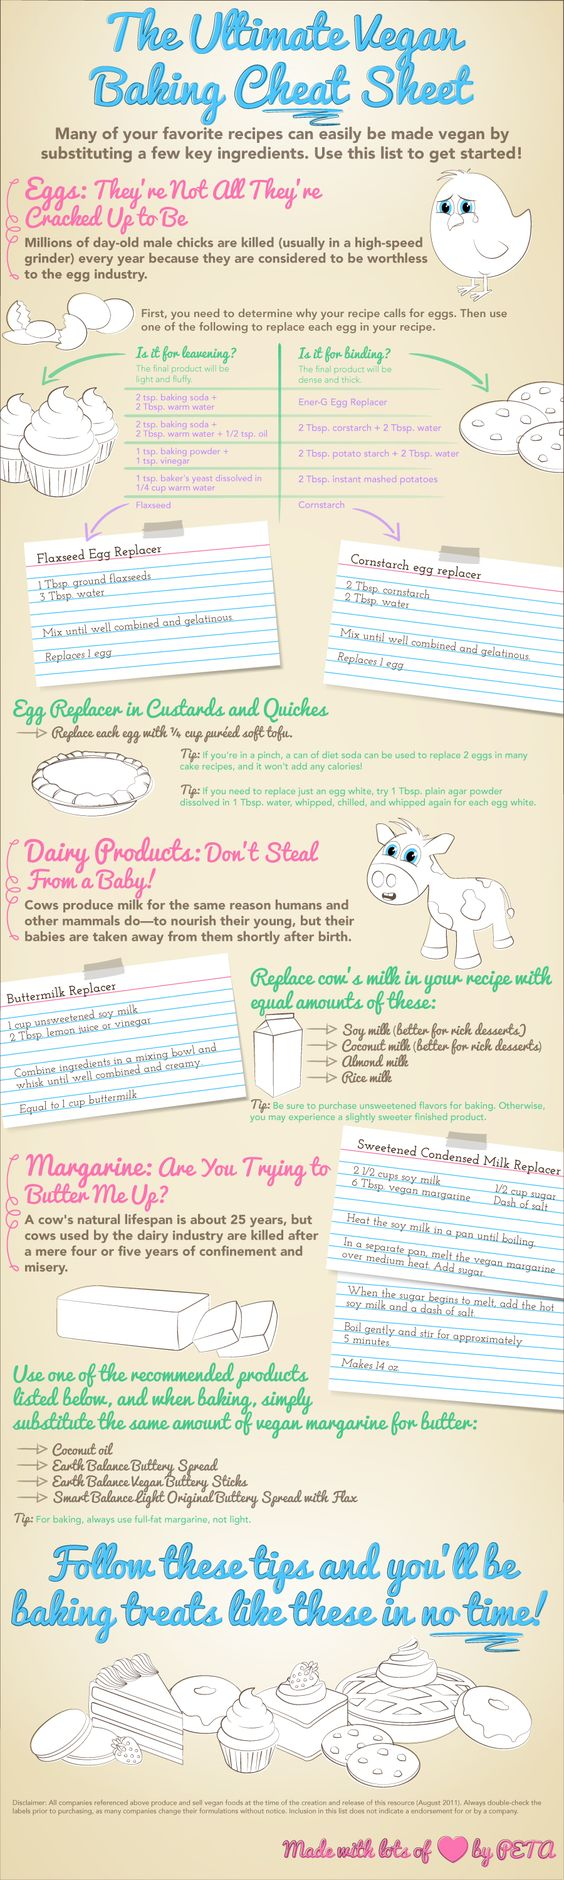 infographic Vegan baking